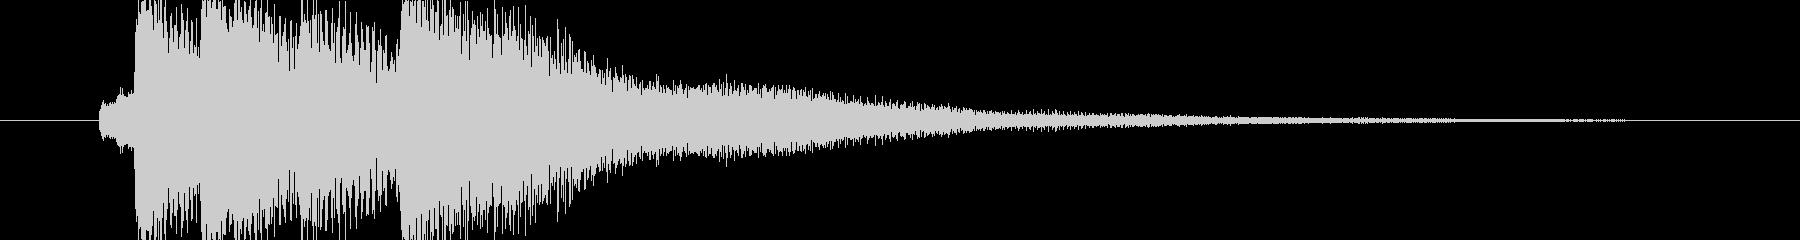 爽やかなアコースティック系サウンドロゴの未再生の波形